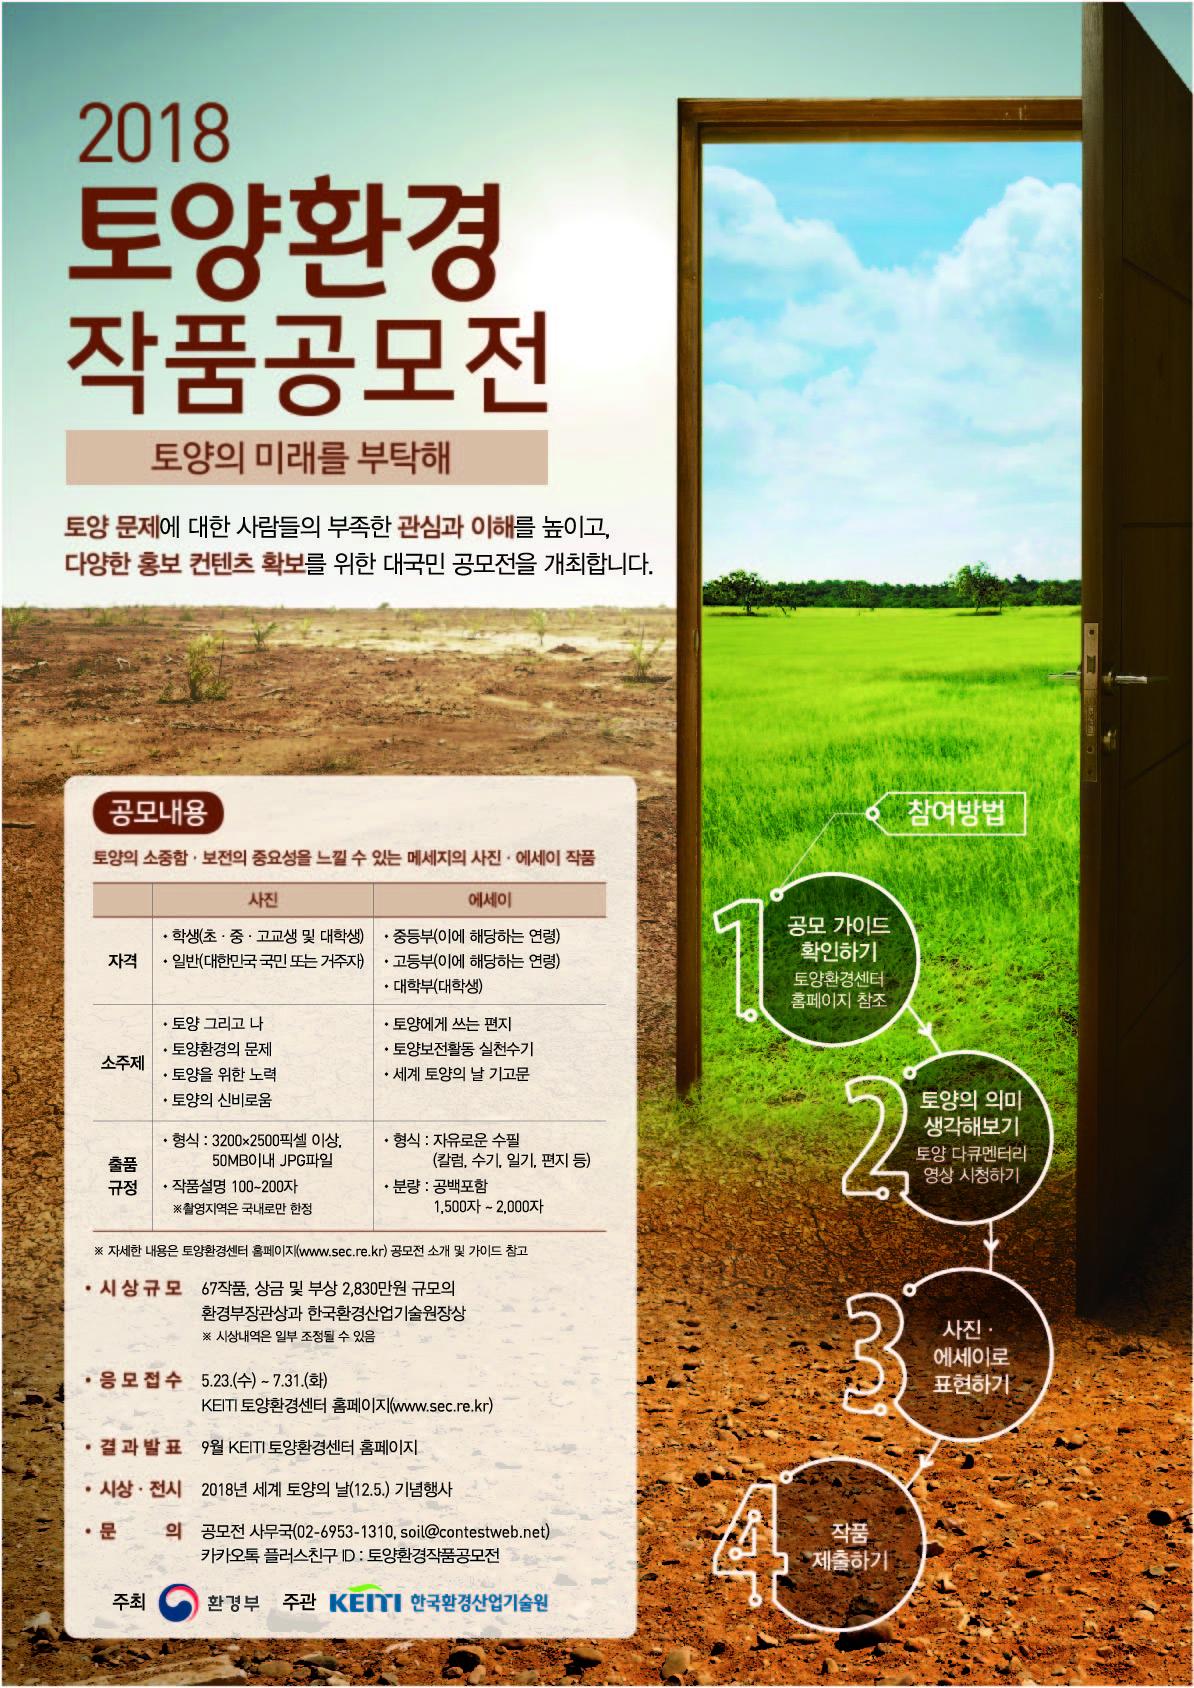 2018 토양환경 작품공모전 - 토양의 미래를 부탁해